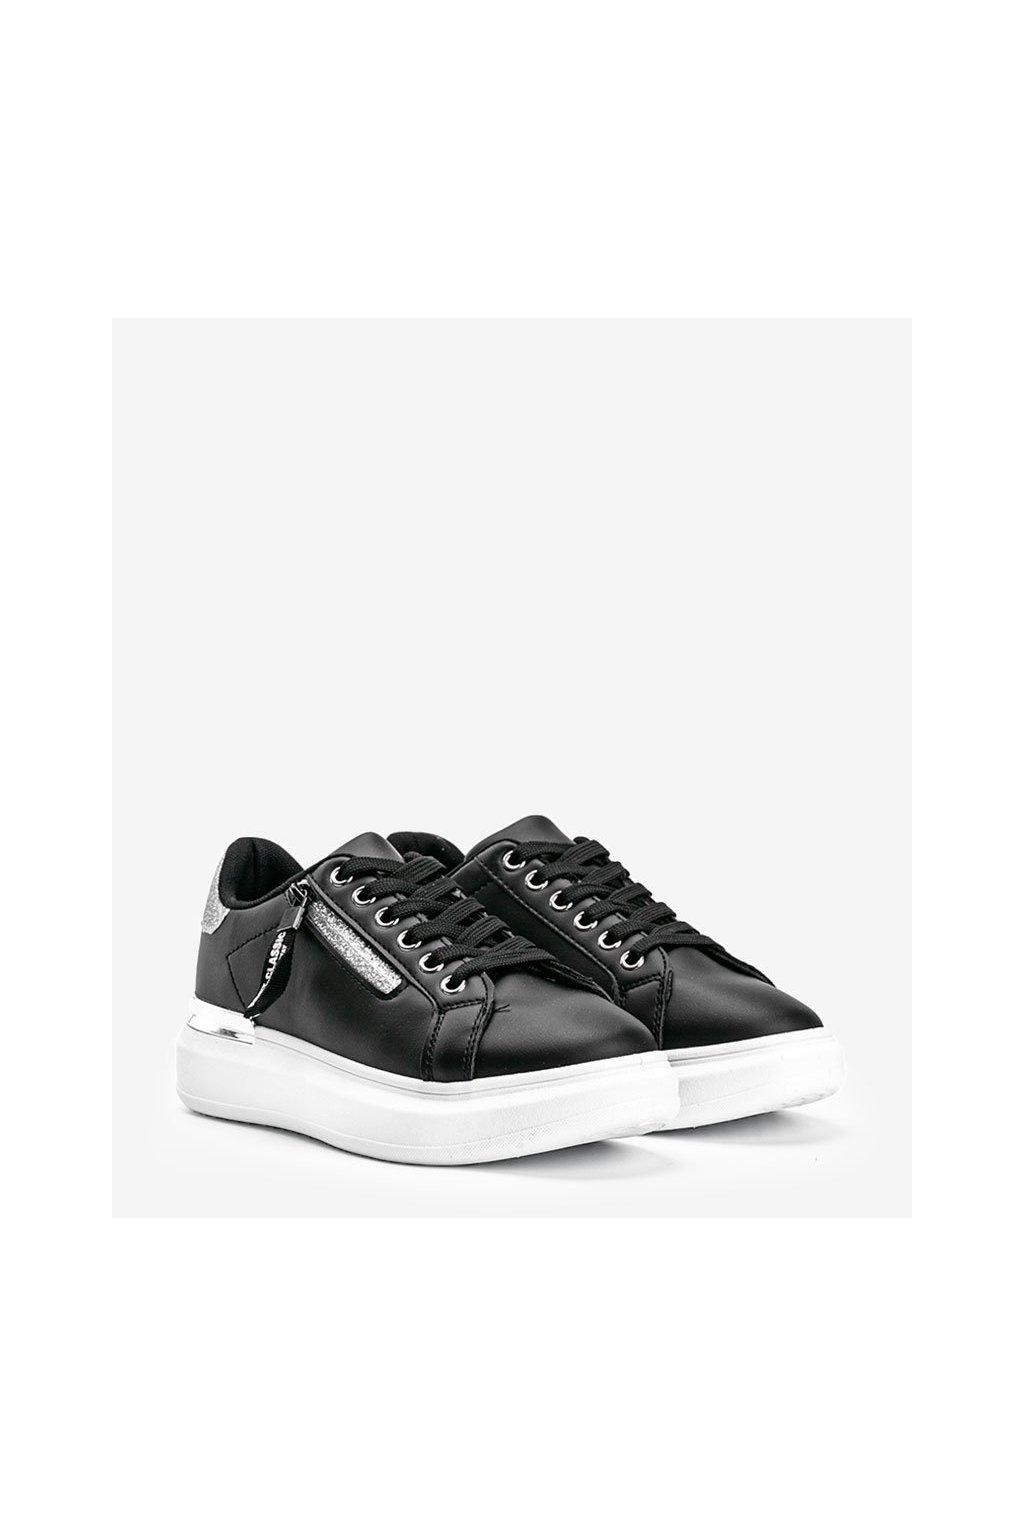 Dámske topánky tenisky čierne kód F006 - GM